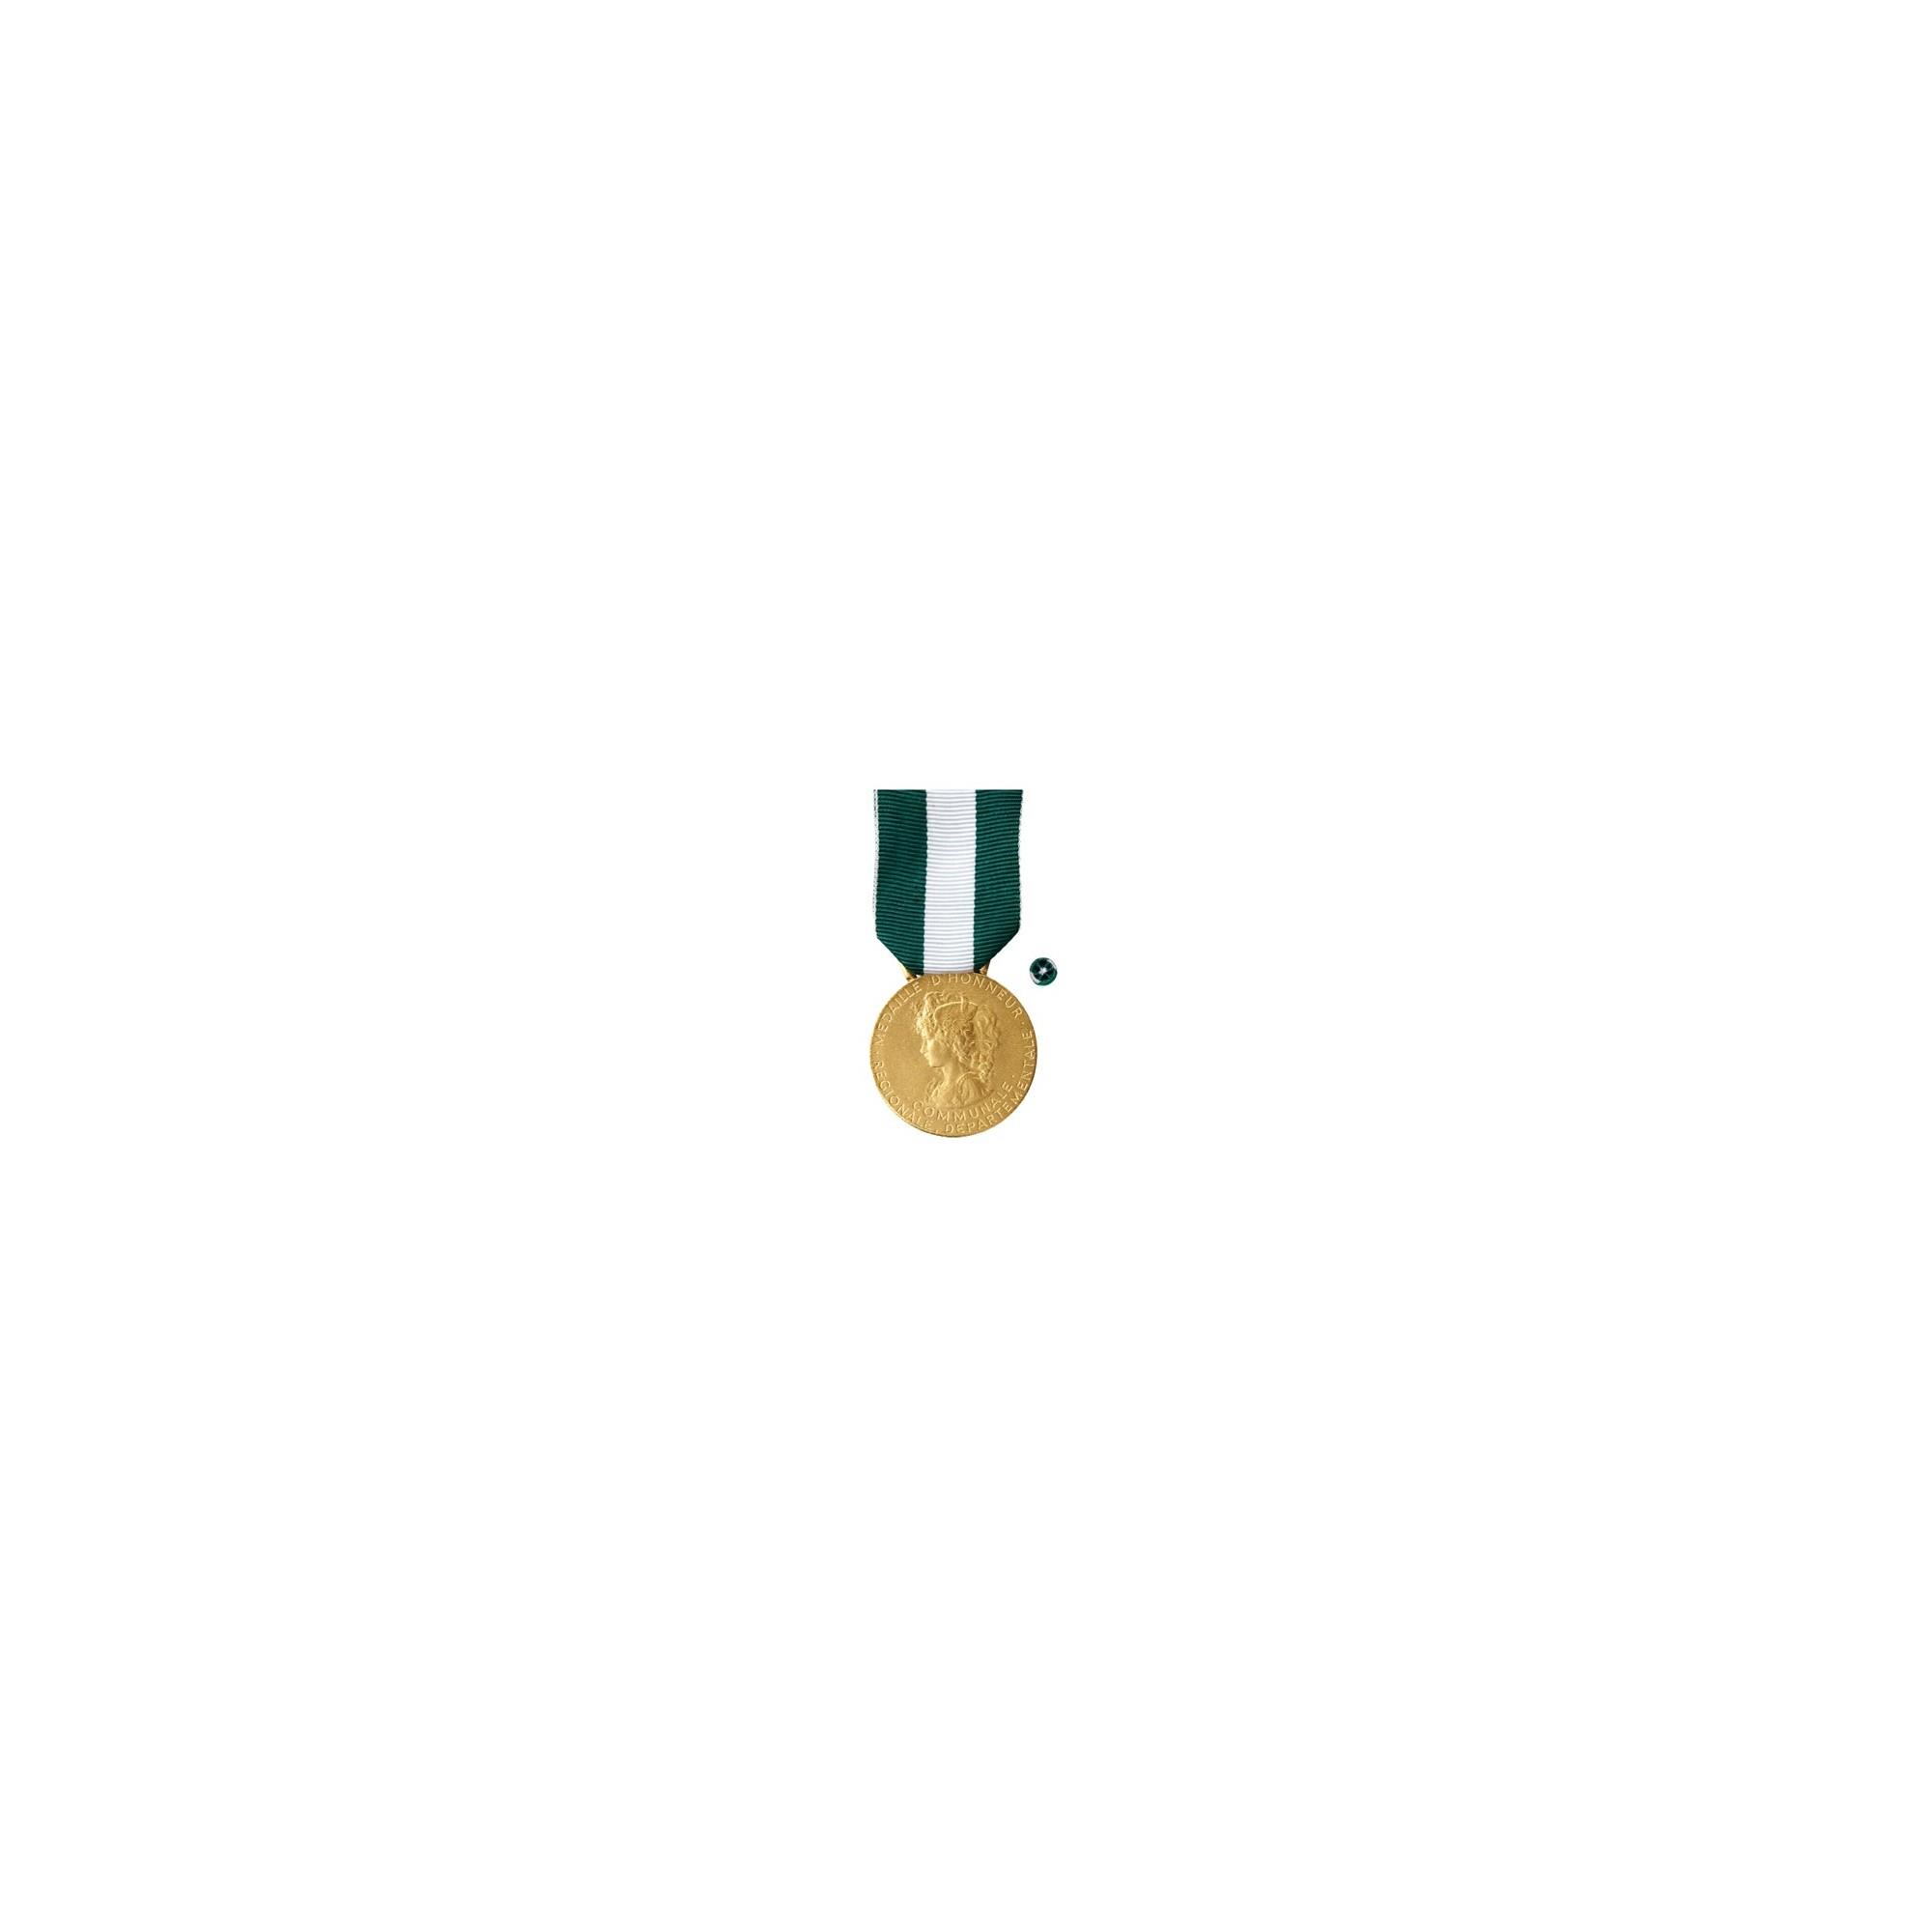 Médaille d'Honneur Régionale Départementale & Communale - Vermeil